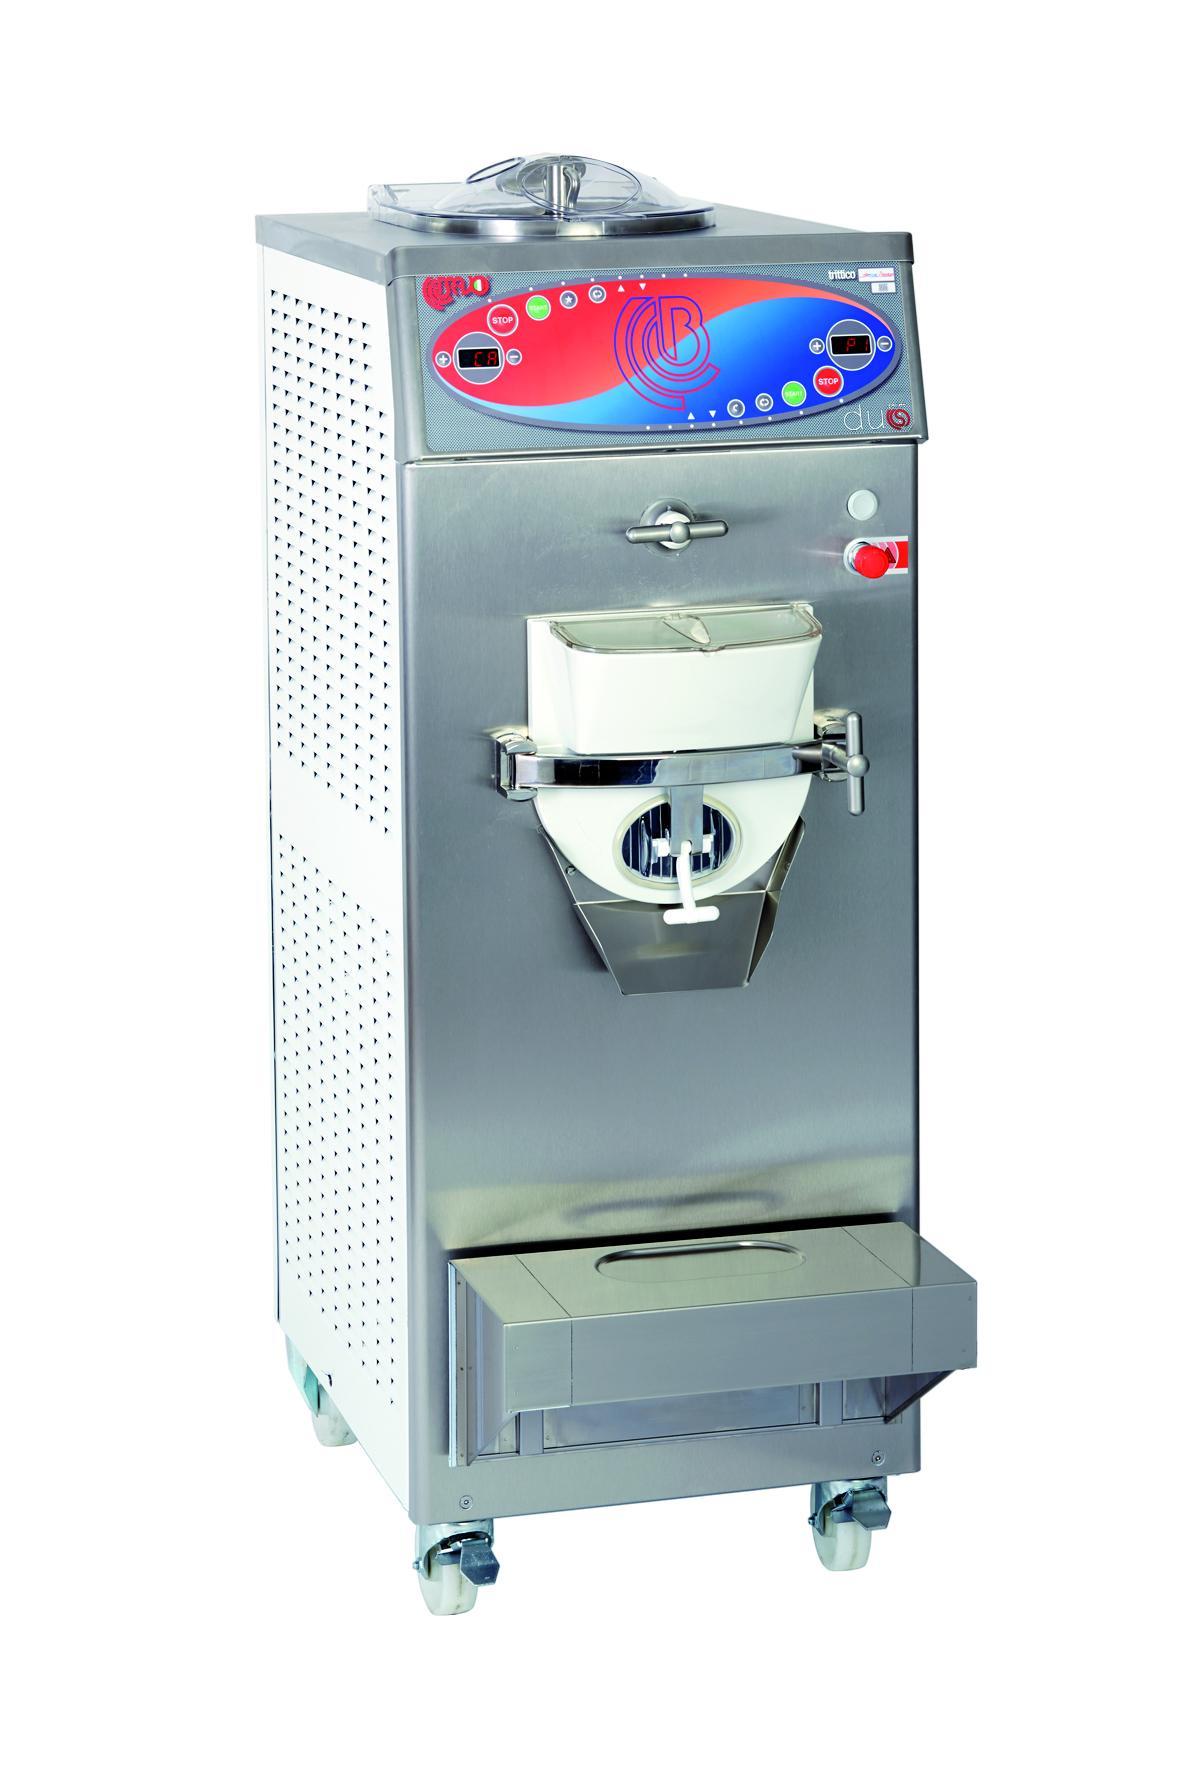 Bravo二合一硬冰淇淋机 1